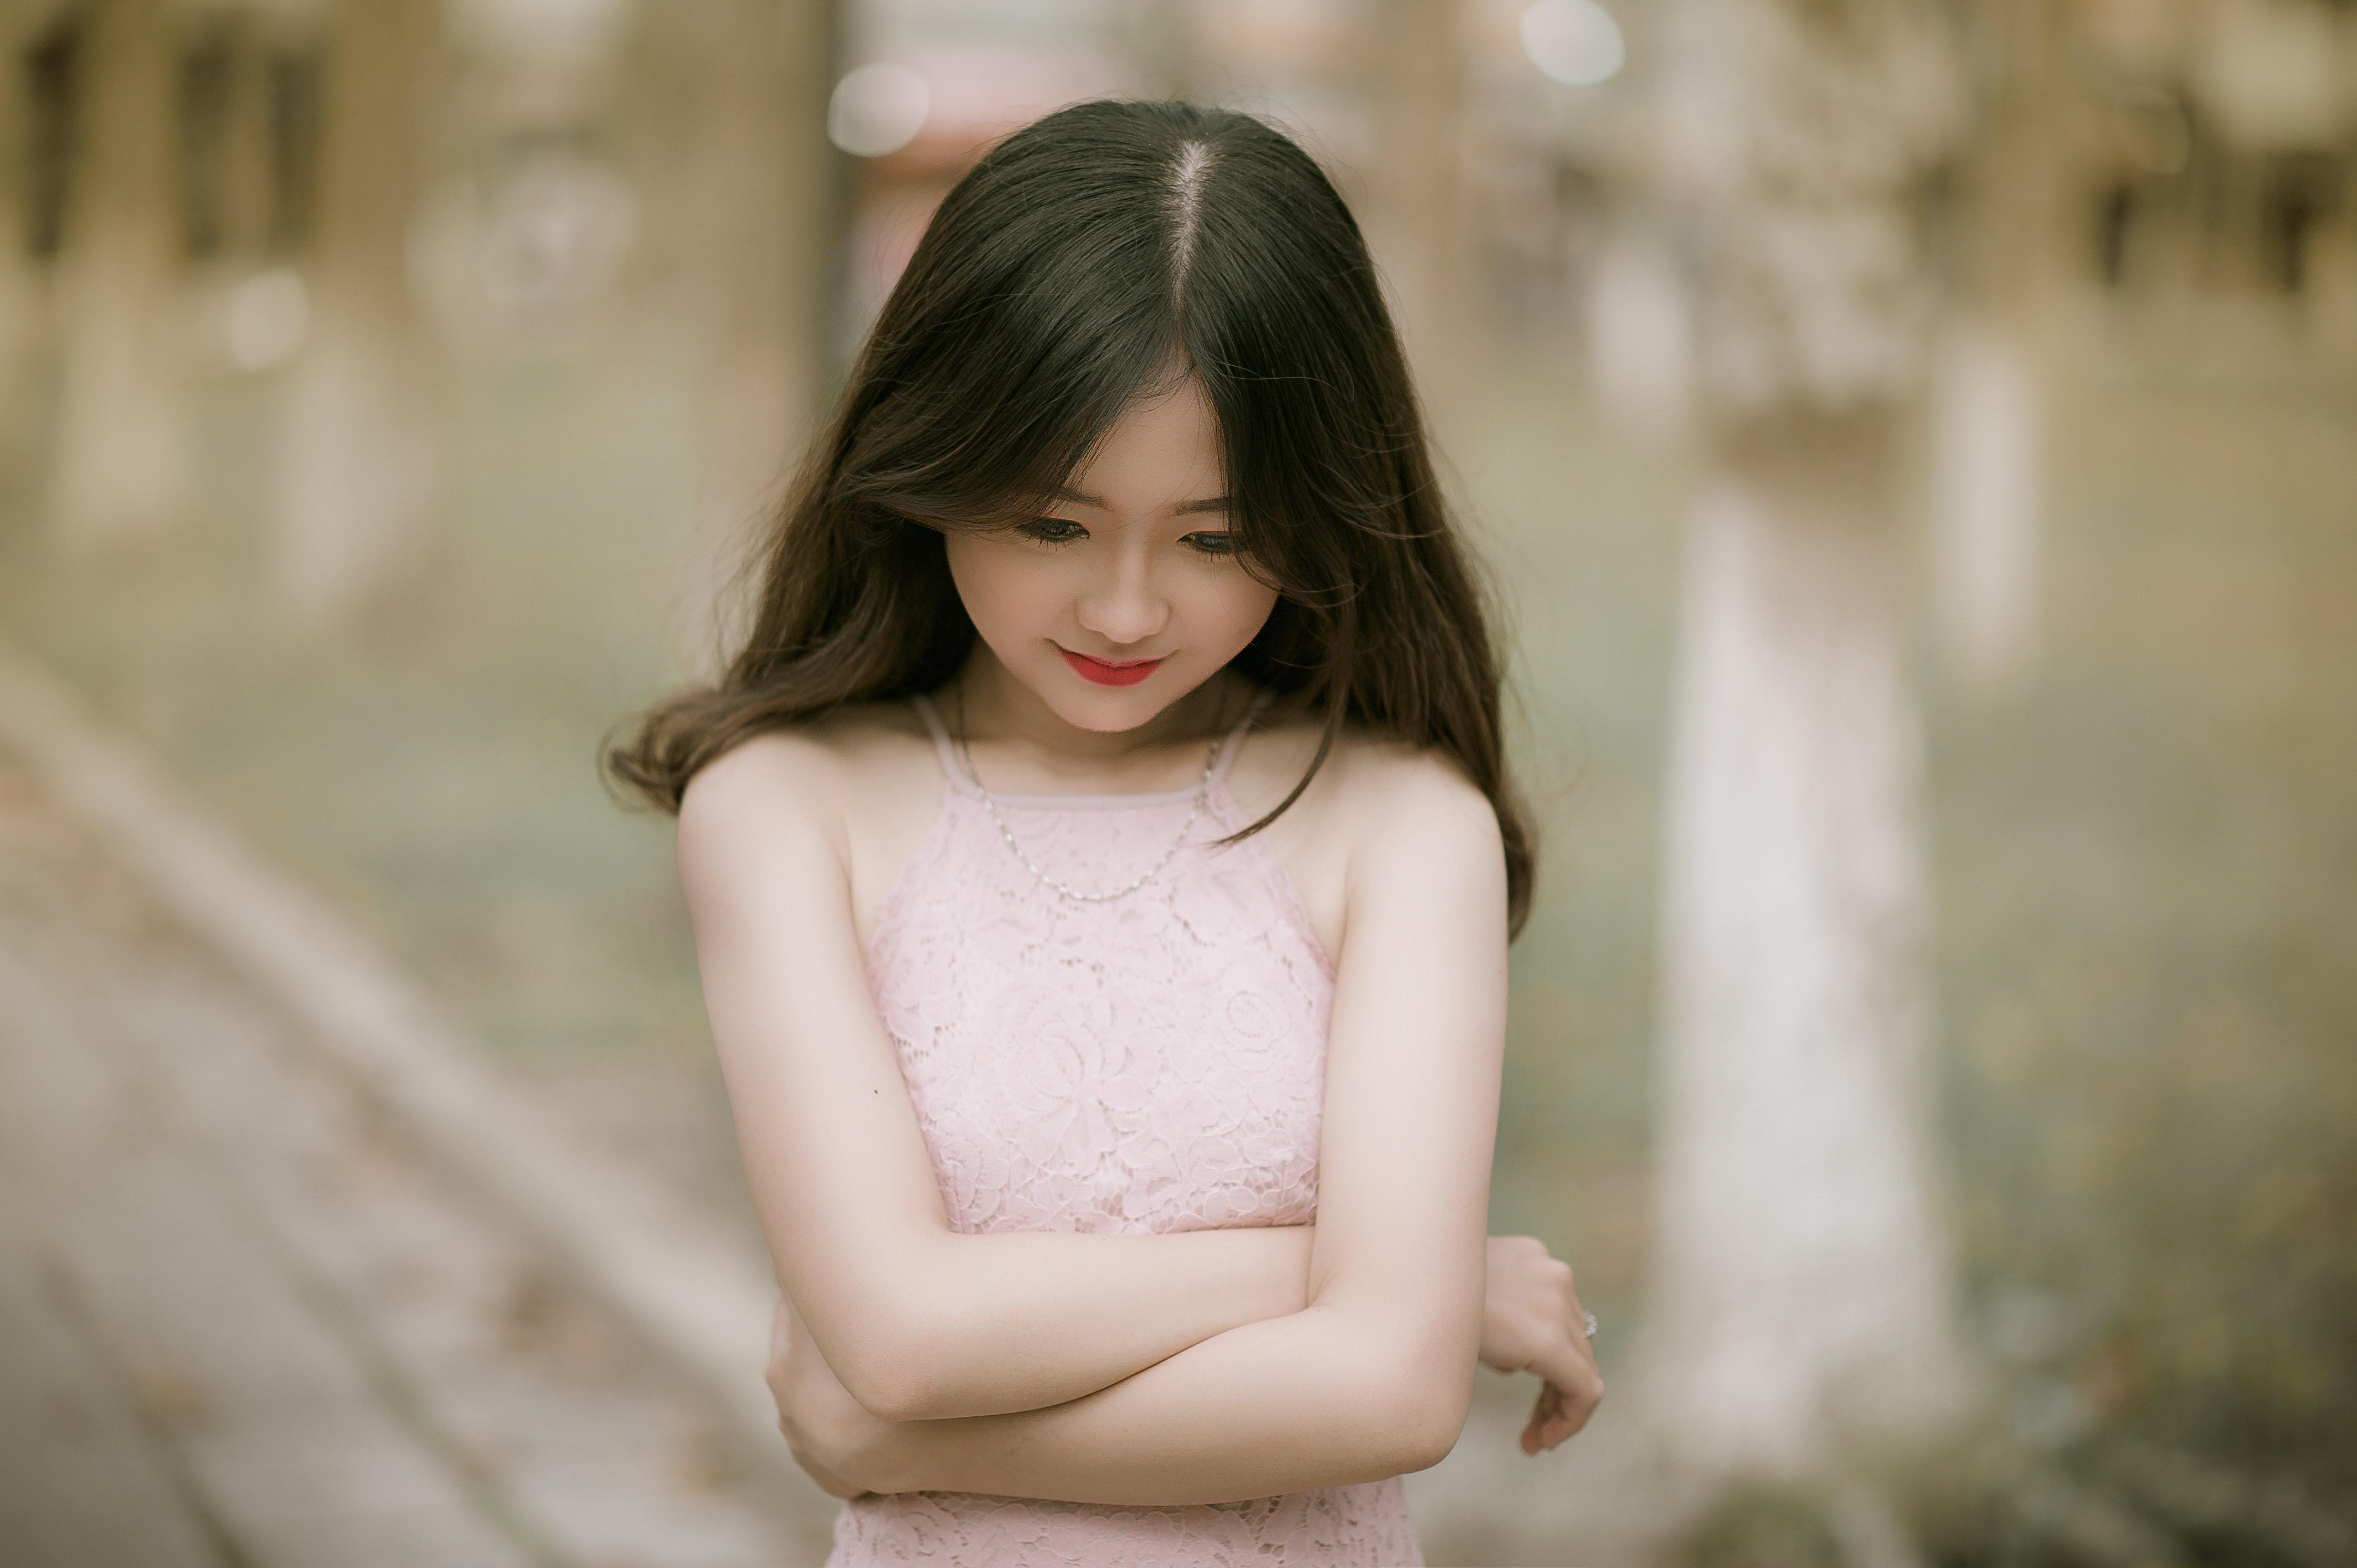 Of girl photo 88